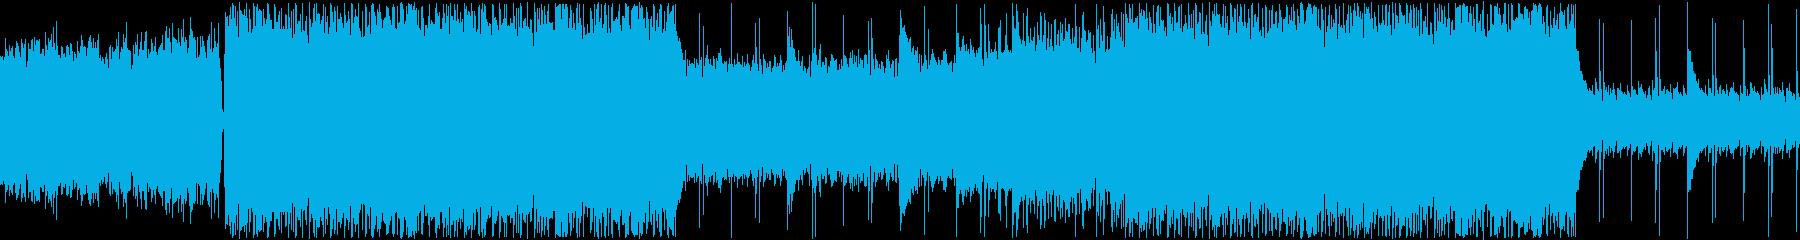 勇壮で牧歌的なインスト楽曲ループの再生済みの波形